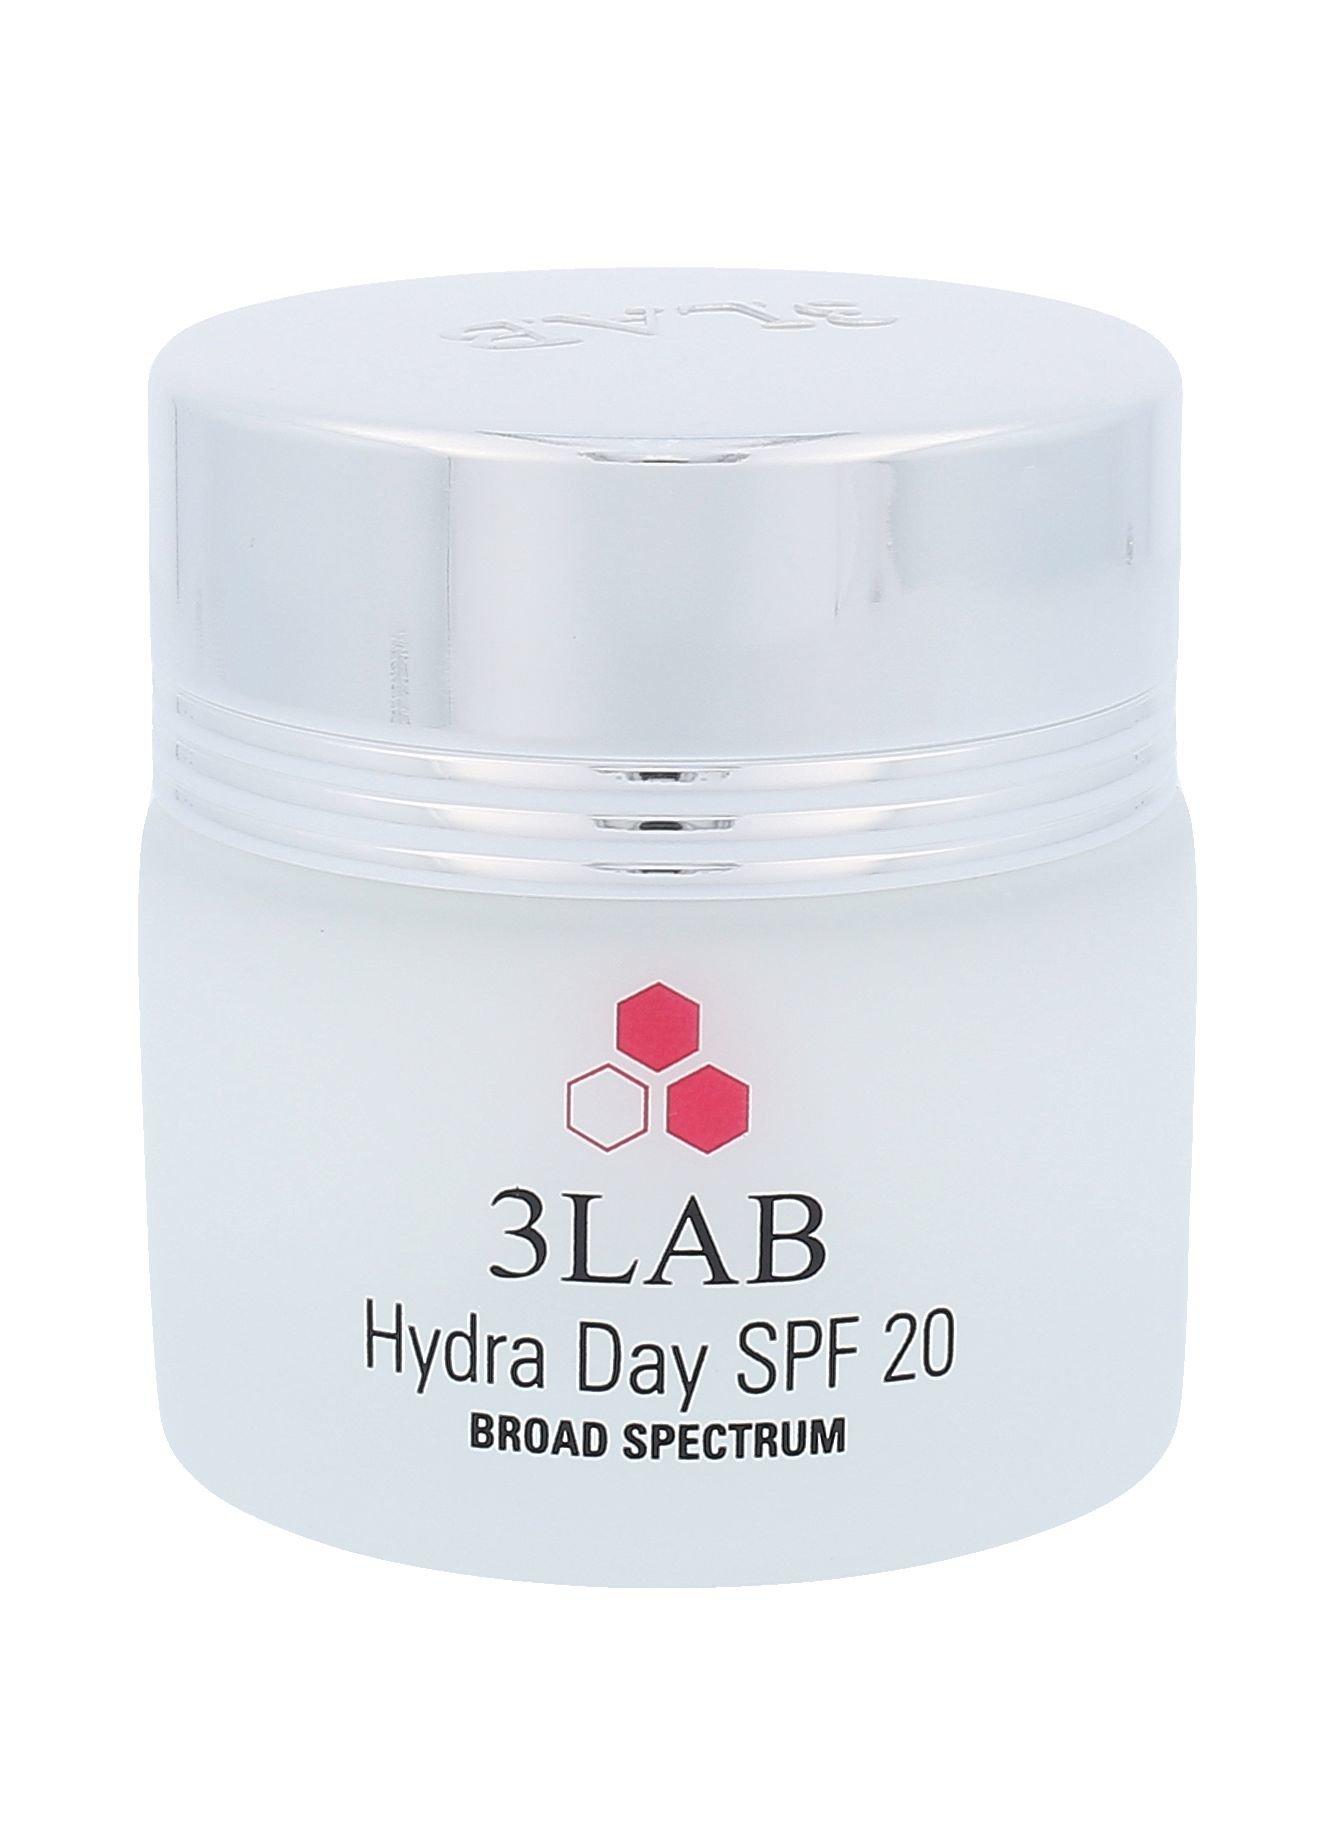 3LAB Hydra Day SPF20